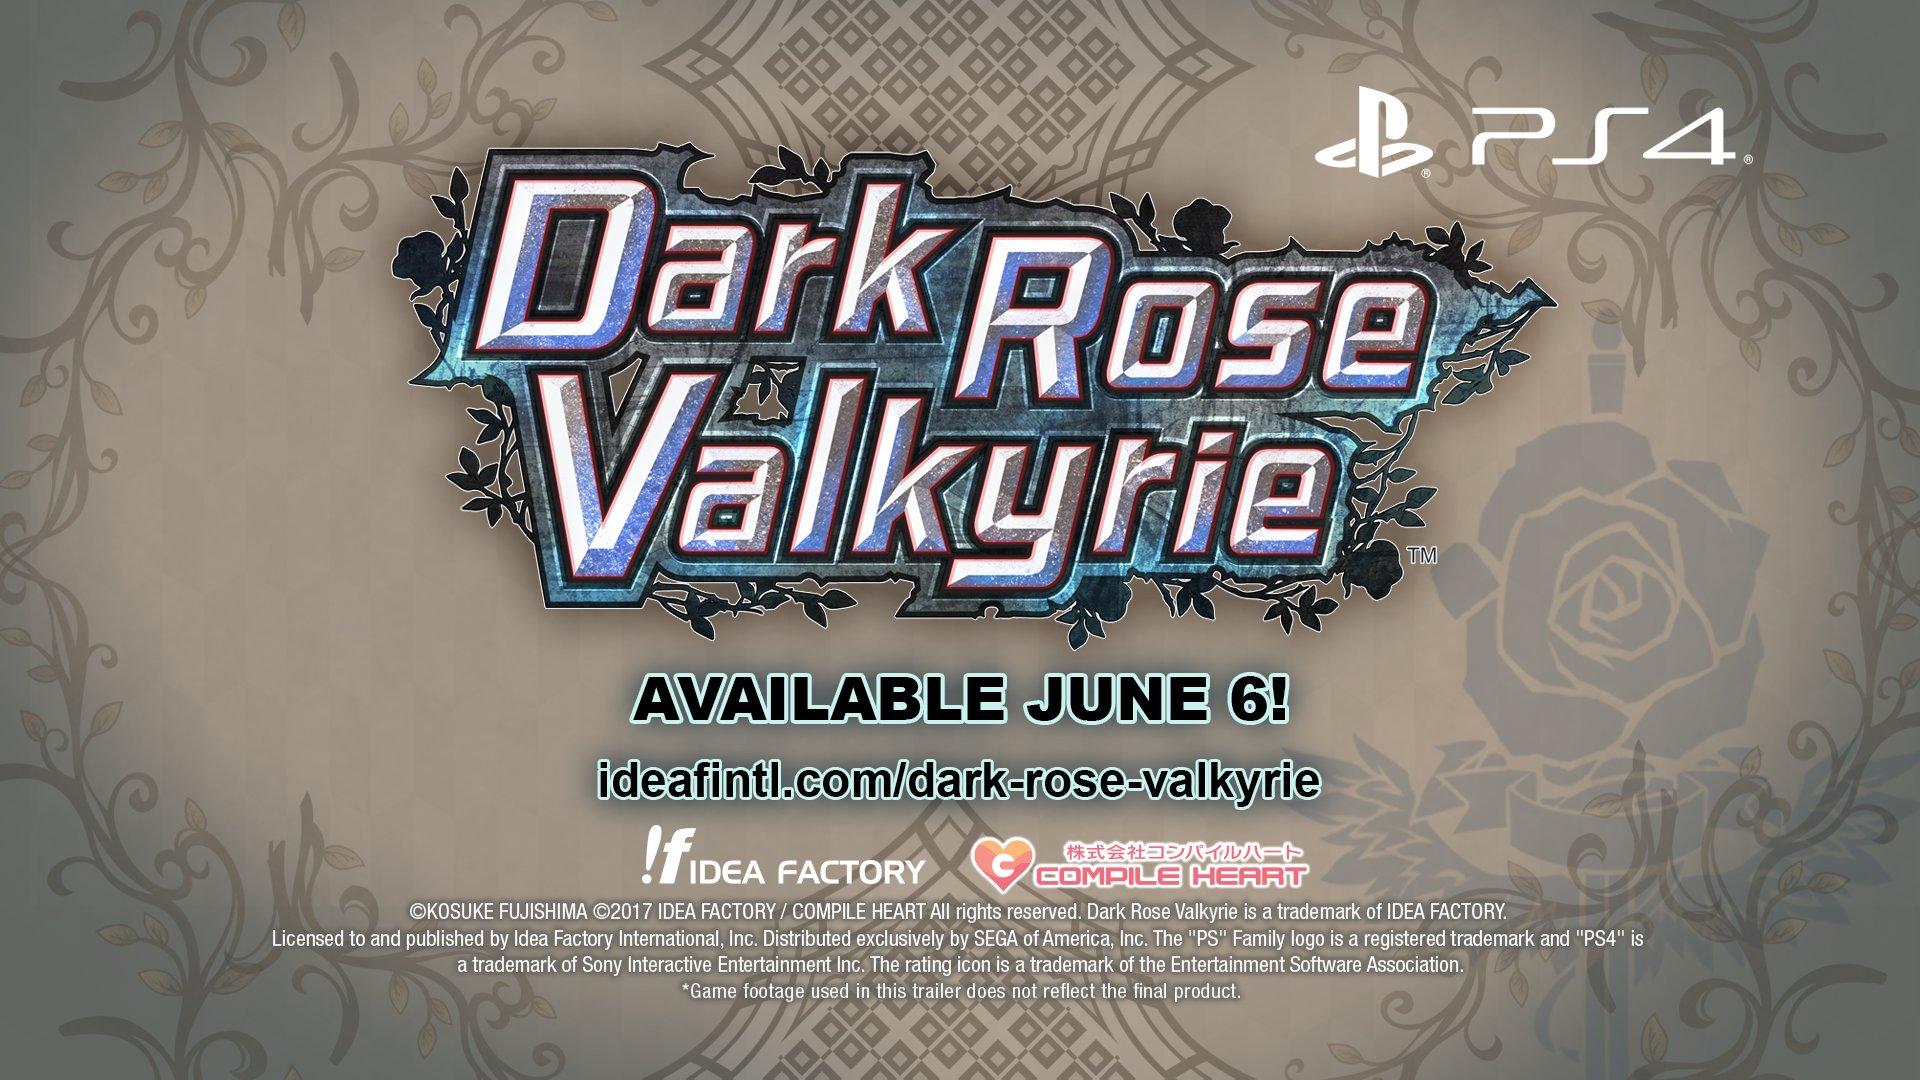 DarkRoseValkyrie